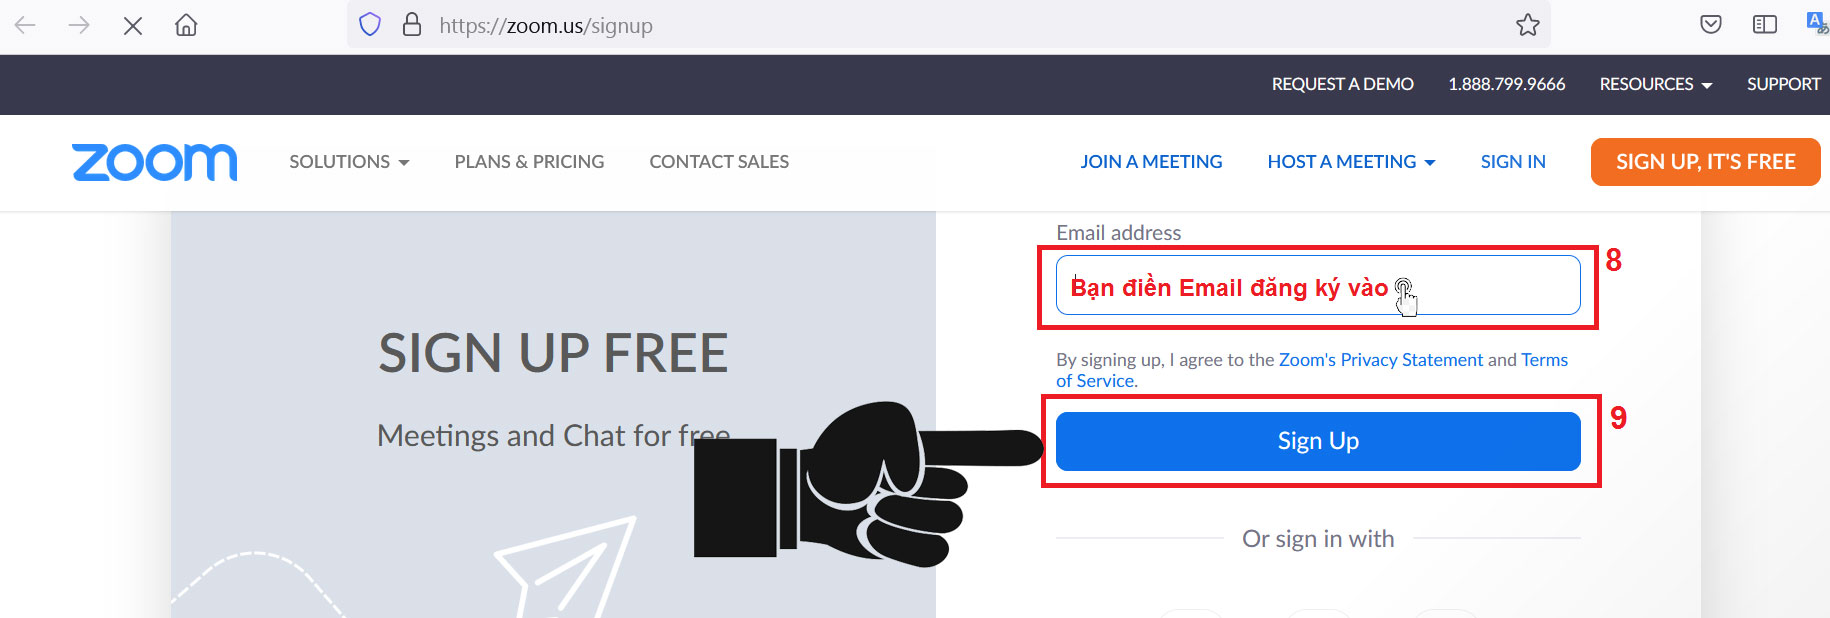 Tiếp theo bạnnhập Email của bạnvào khung Email Address